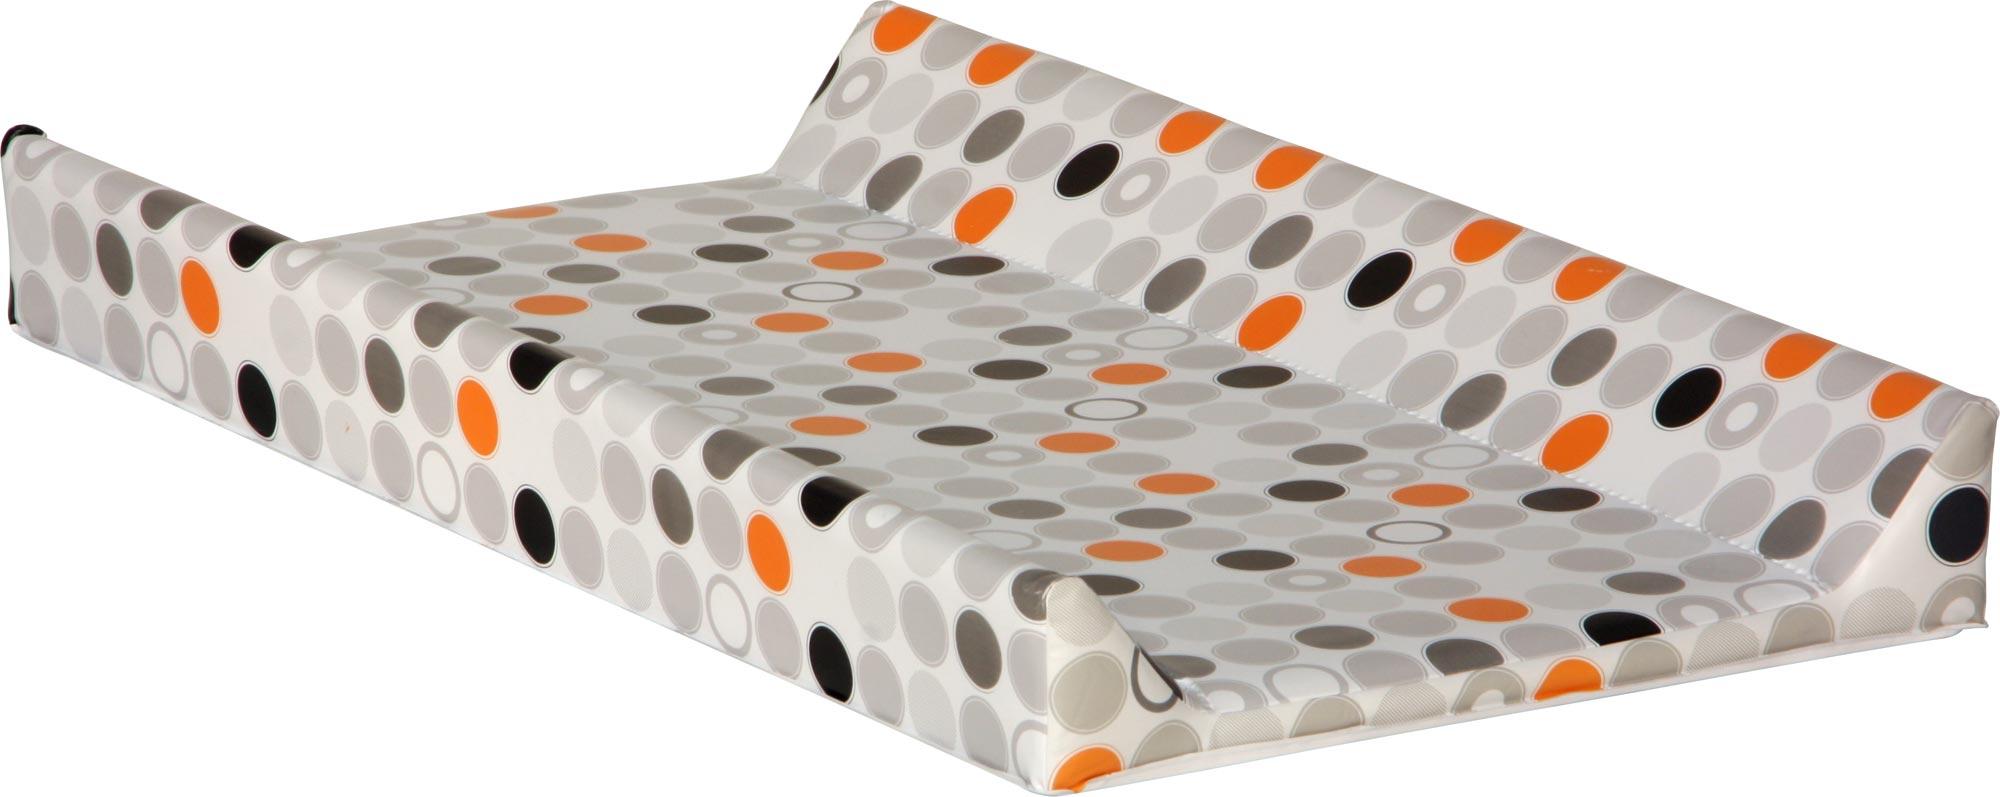 liste de remerciements de alexia c langer crocs meuble top moumoute. Black Bedroom Furniture Sets. Home Design Ideas